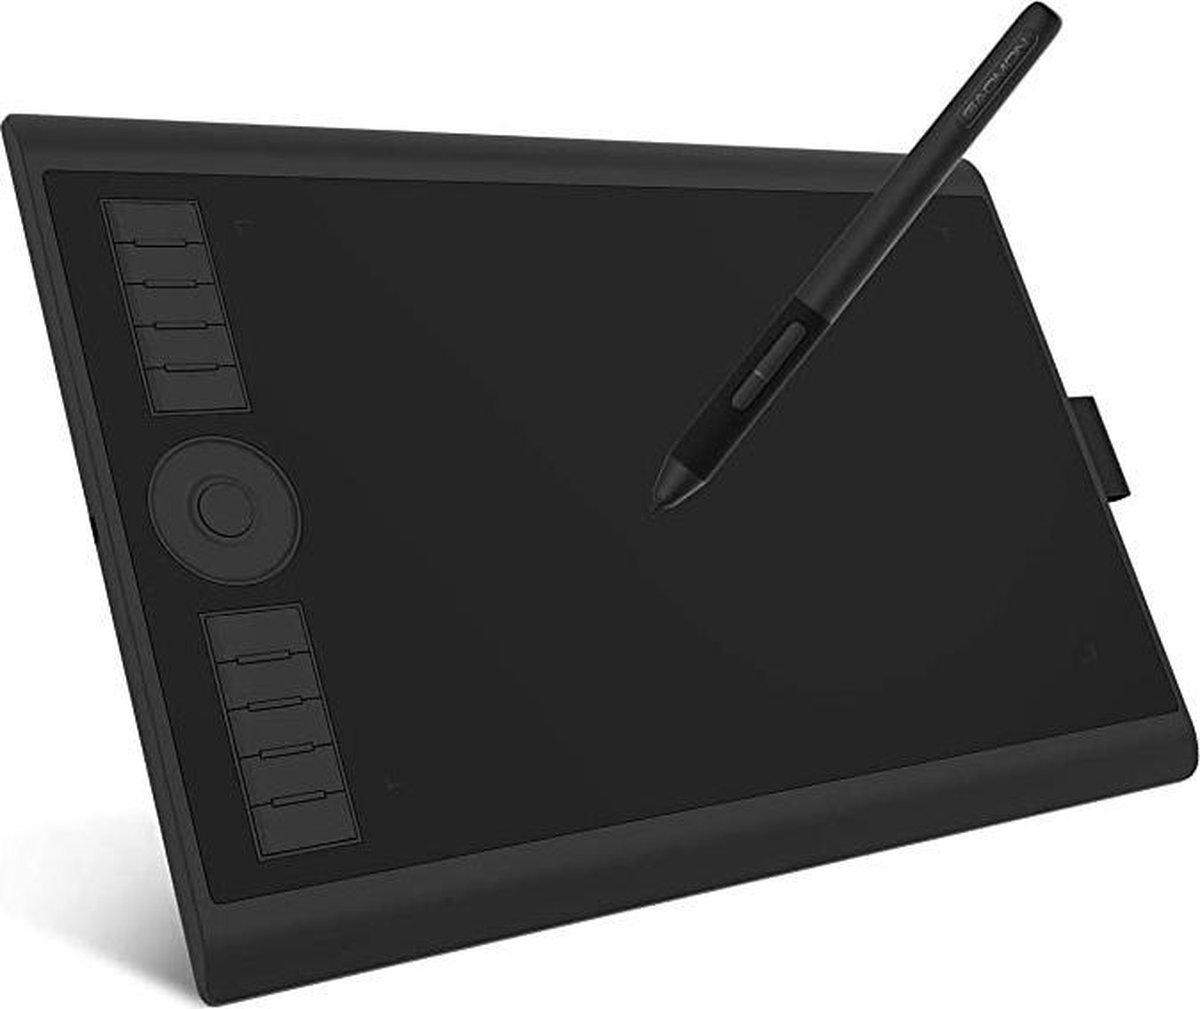 """Tekentablet - GON M10K PRO -10"""" X 6,25"""" tekentablet met AP32 Battrielvrije pen, ondersteuning OTG-functie, compatibel met Windows/Mac/Android mobiele telefoons"""